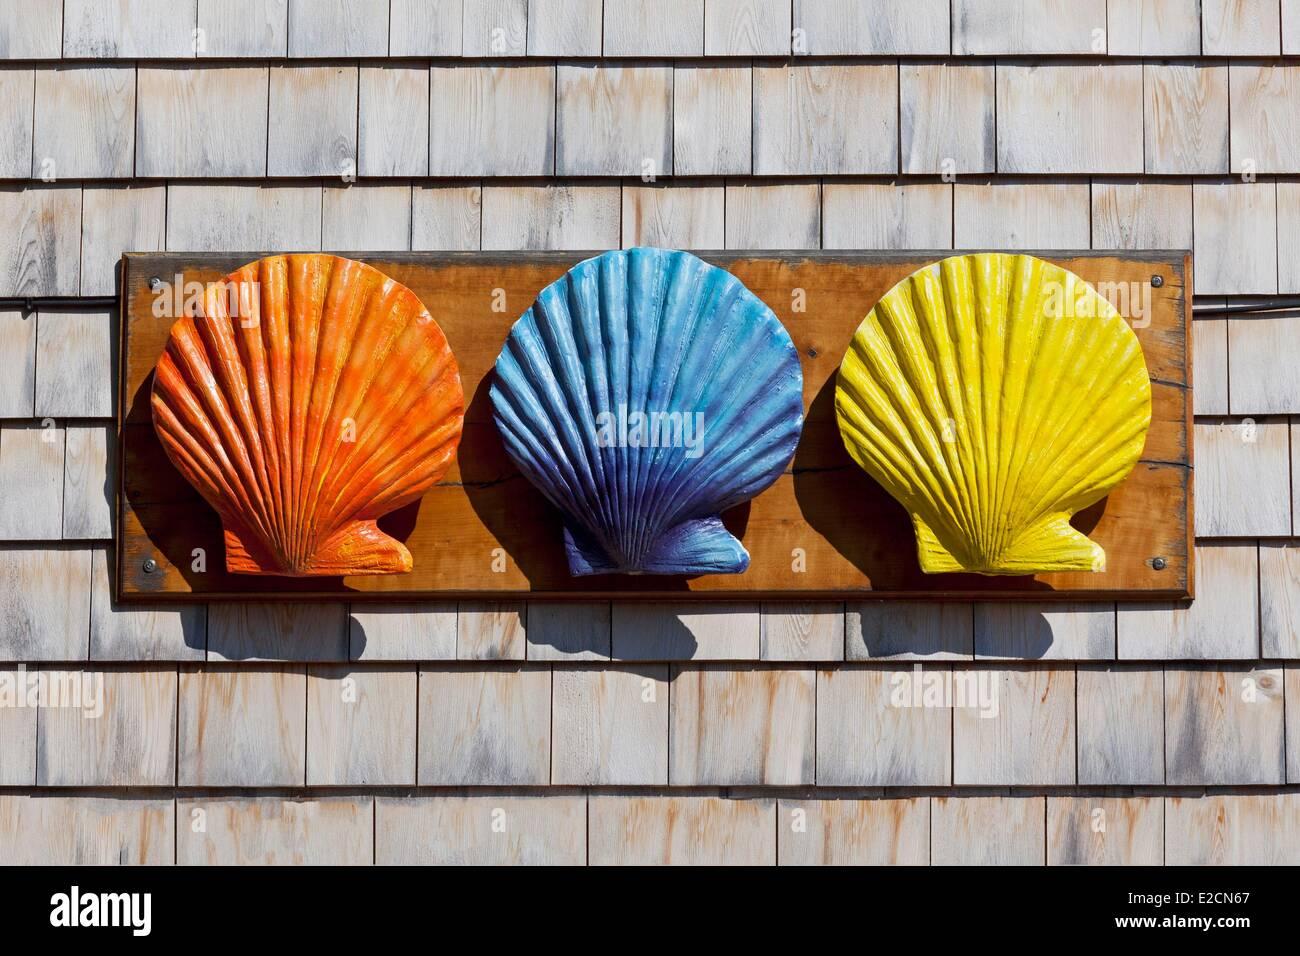 United States Maine Ogunquit Perkins Cove décoration sur une façade de maison, rue de couleur noix de Photo Stock